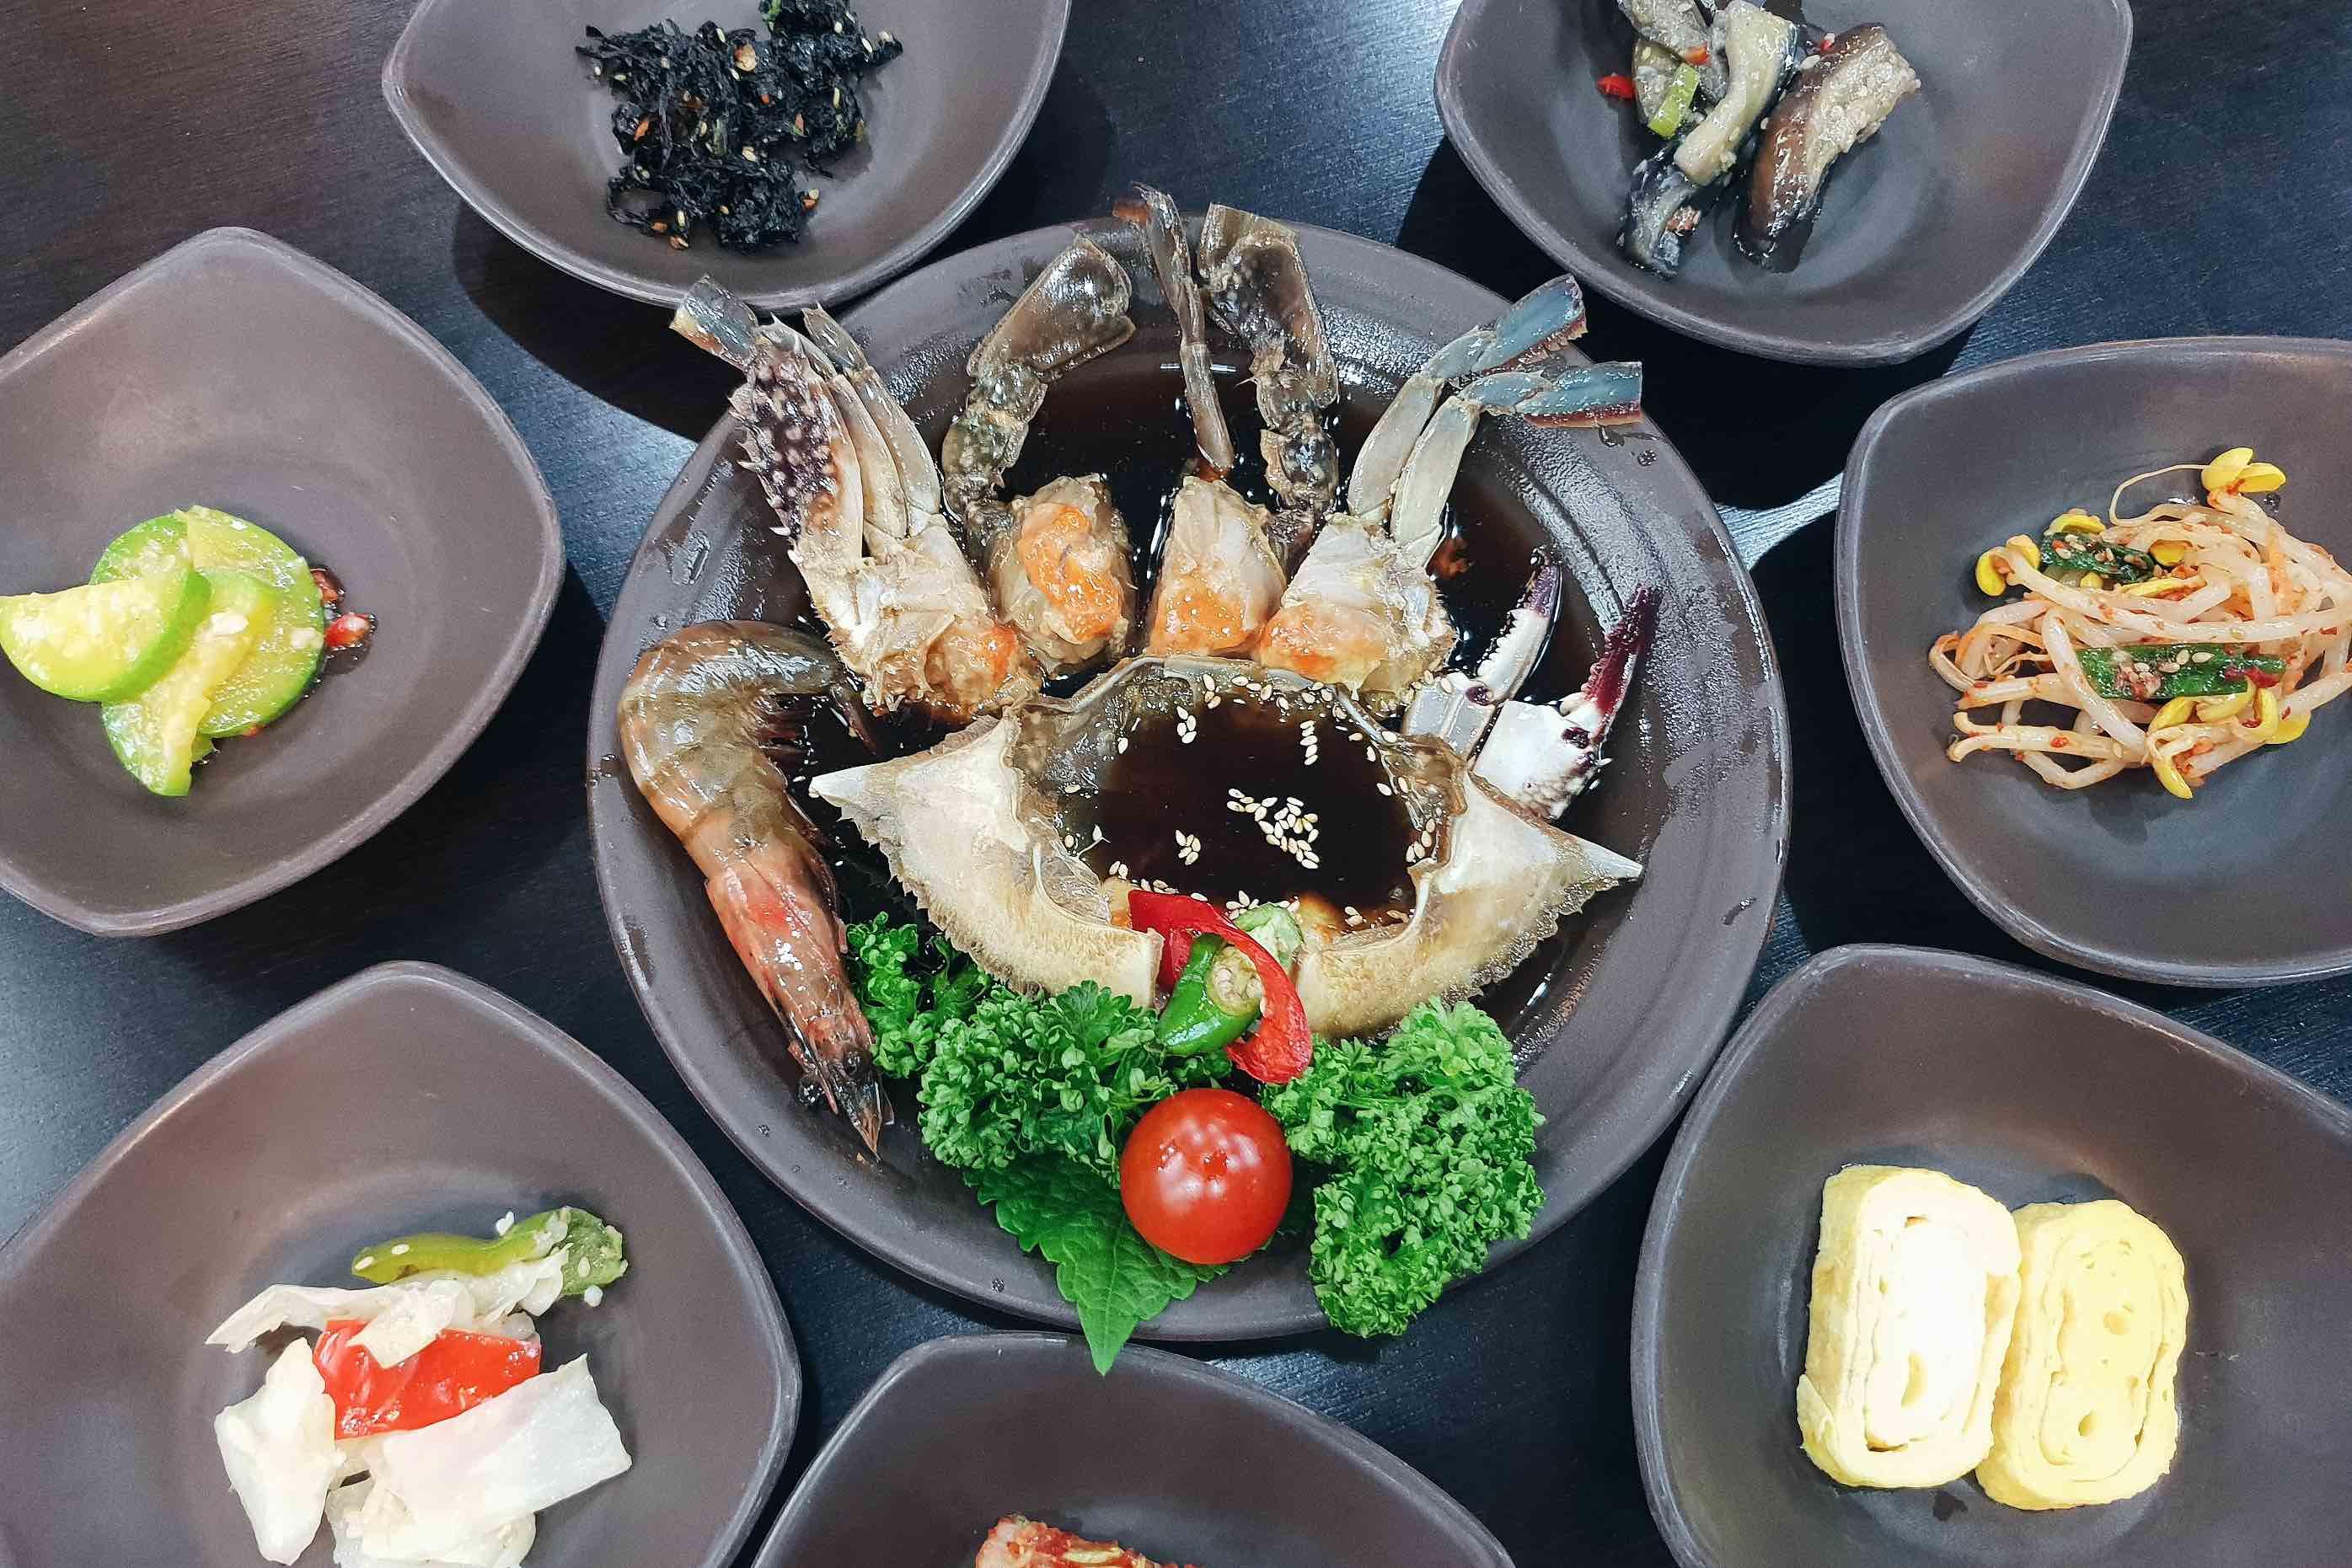 首爾美食|明洞咸草醬花螃蟹餐廳,一個人也能吃的美味醬蟹